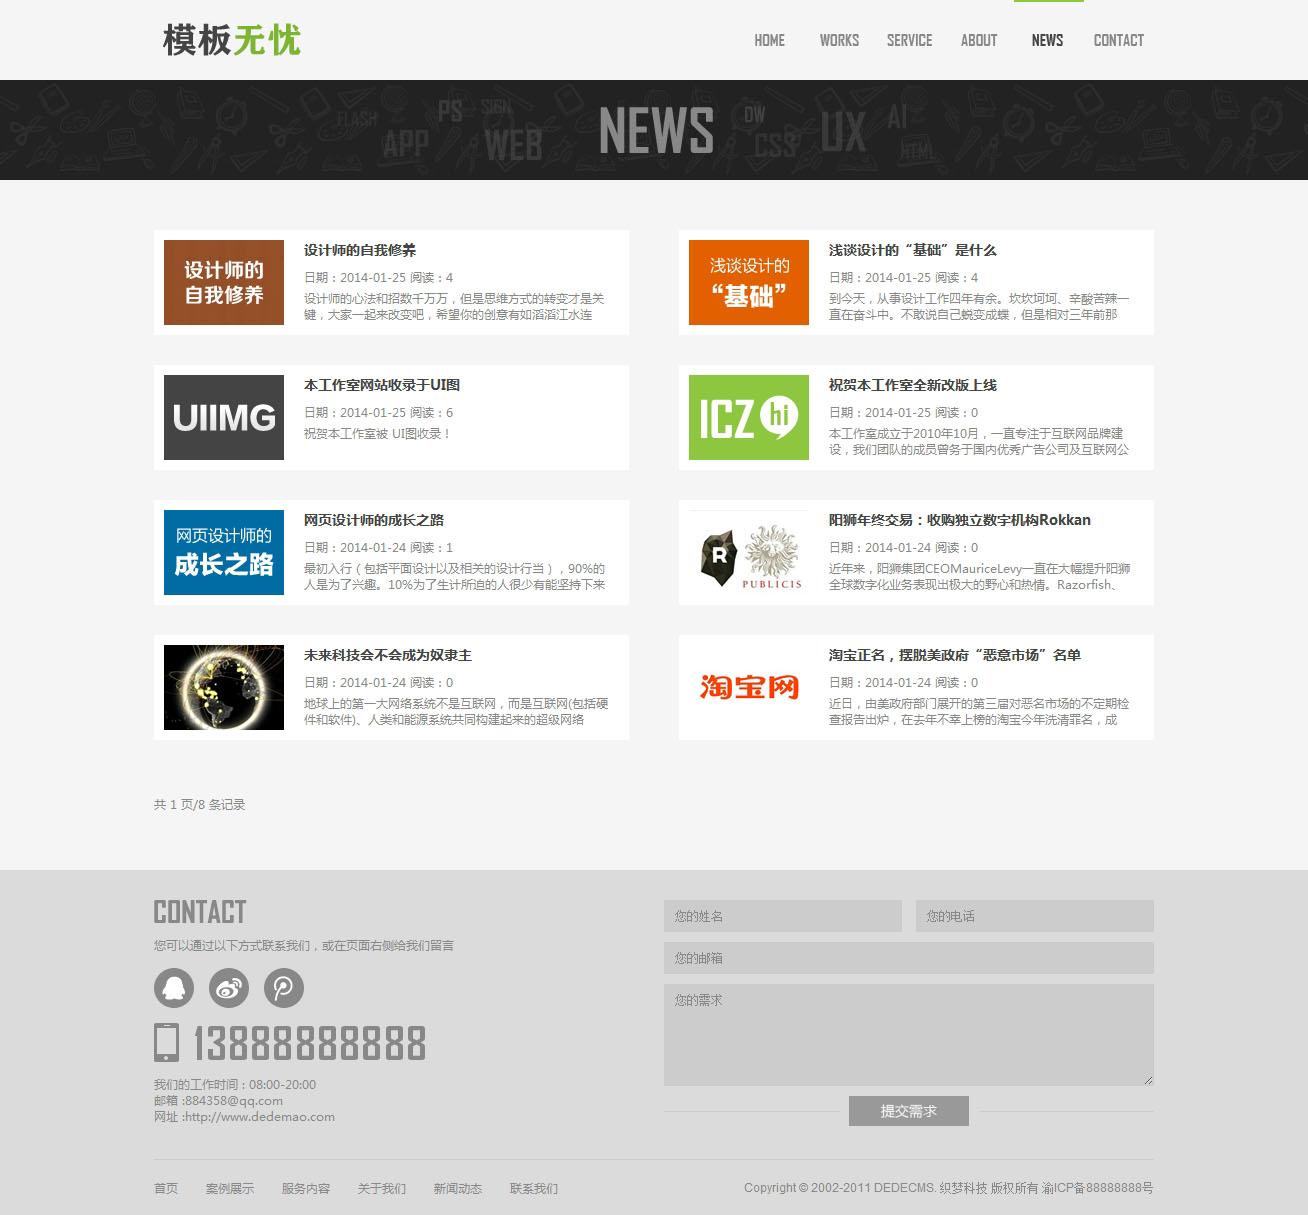 新闻资讯页面设计_新闻列表页